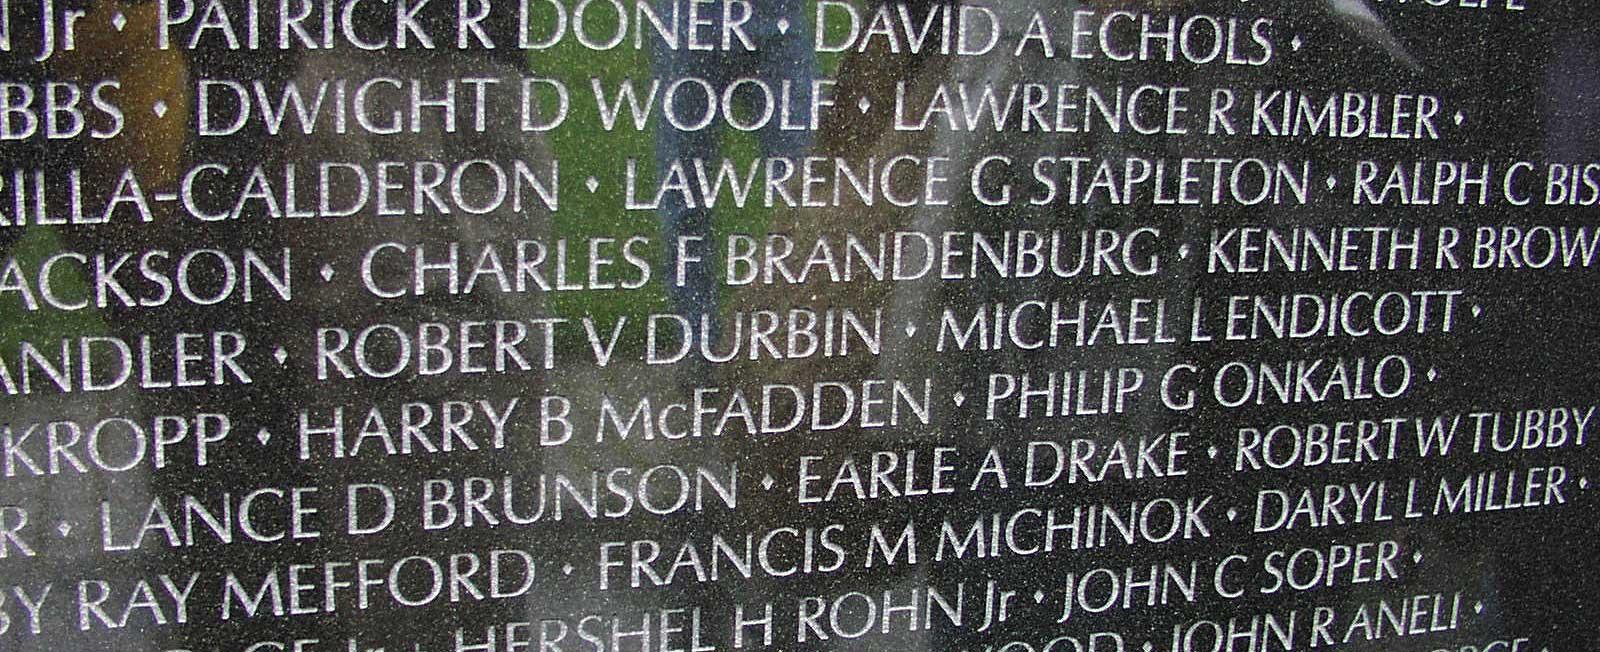 Herman Zapf's Optima typeface used in the Vietnam Memorial in Washington